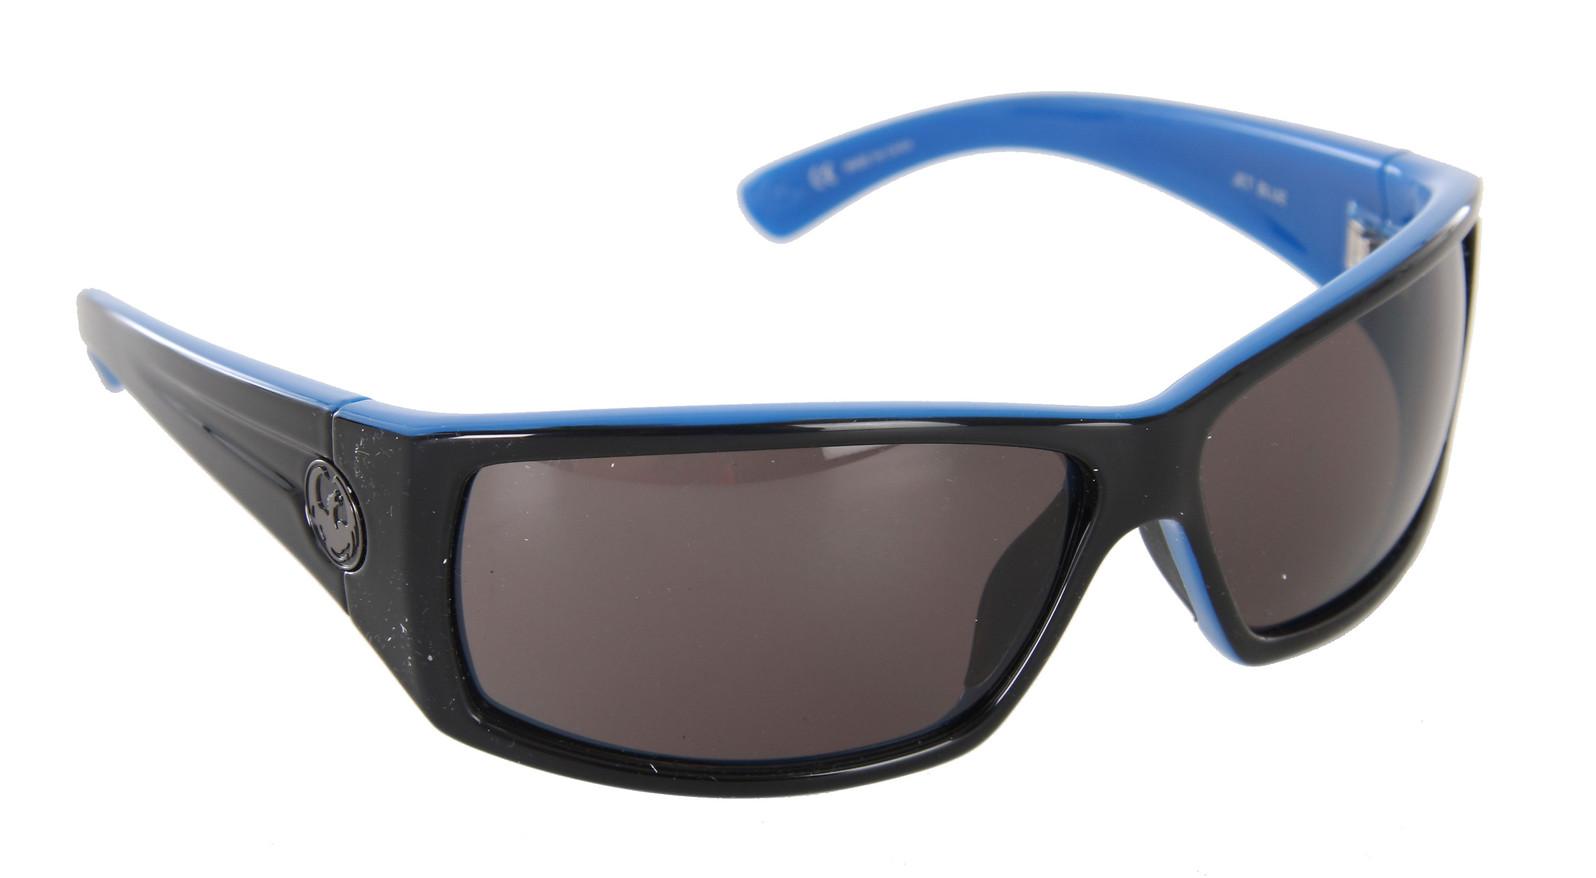 Dragon Cinch Sunglasses Jet Blue Grey  dragon-cinch-sngls-jetblugry-10.jpg